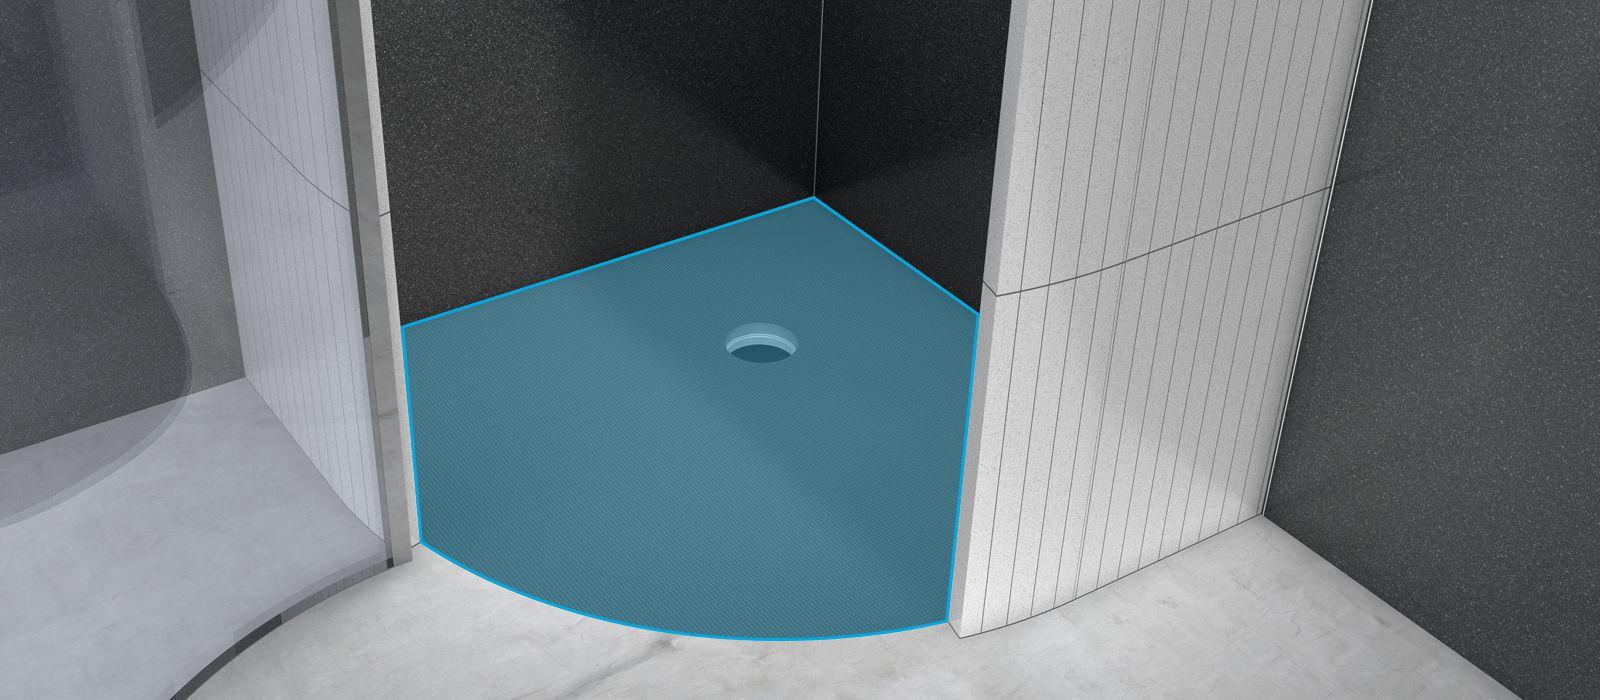 Full Size of Bodengleiche Duschen Fundo Borgo Wedide Breuer Schulte Dusche Einbauen Kaufen Begehbare Hüppe Sprinz Werksverkauf Nachträglich Dusche Bodengleiche Duschen